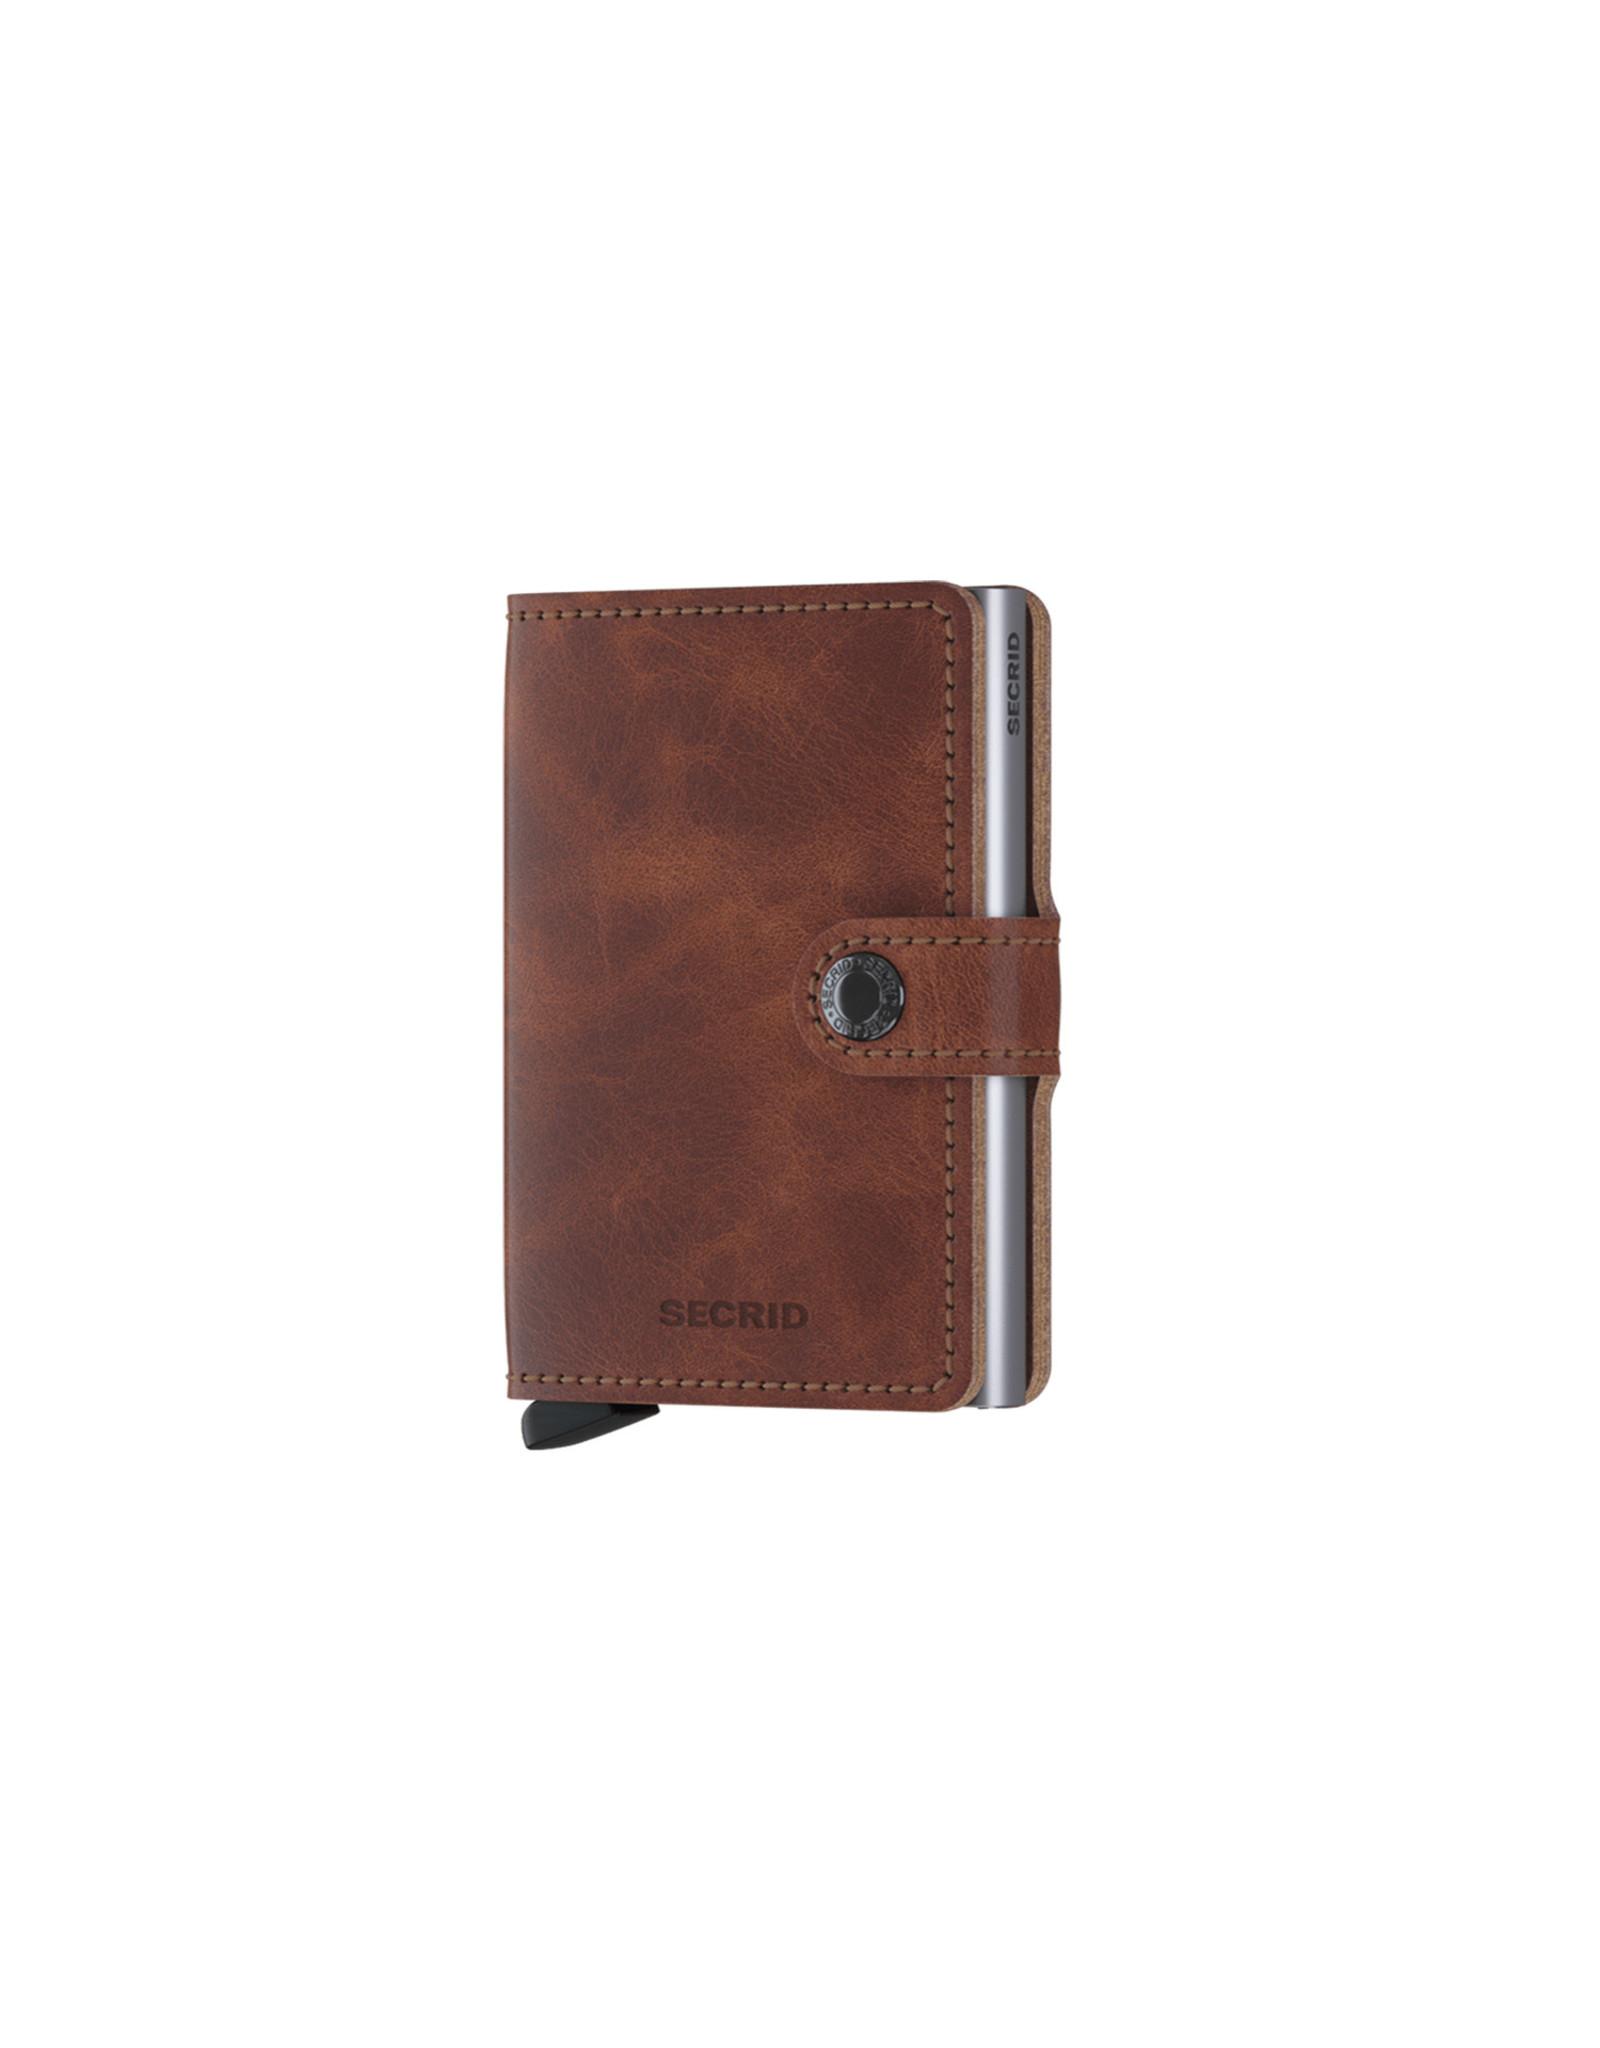 Secrid Miniwallet, Vintage Brown